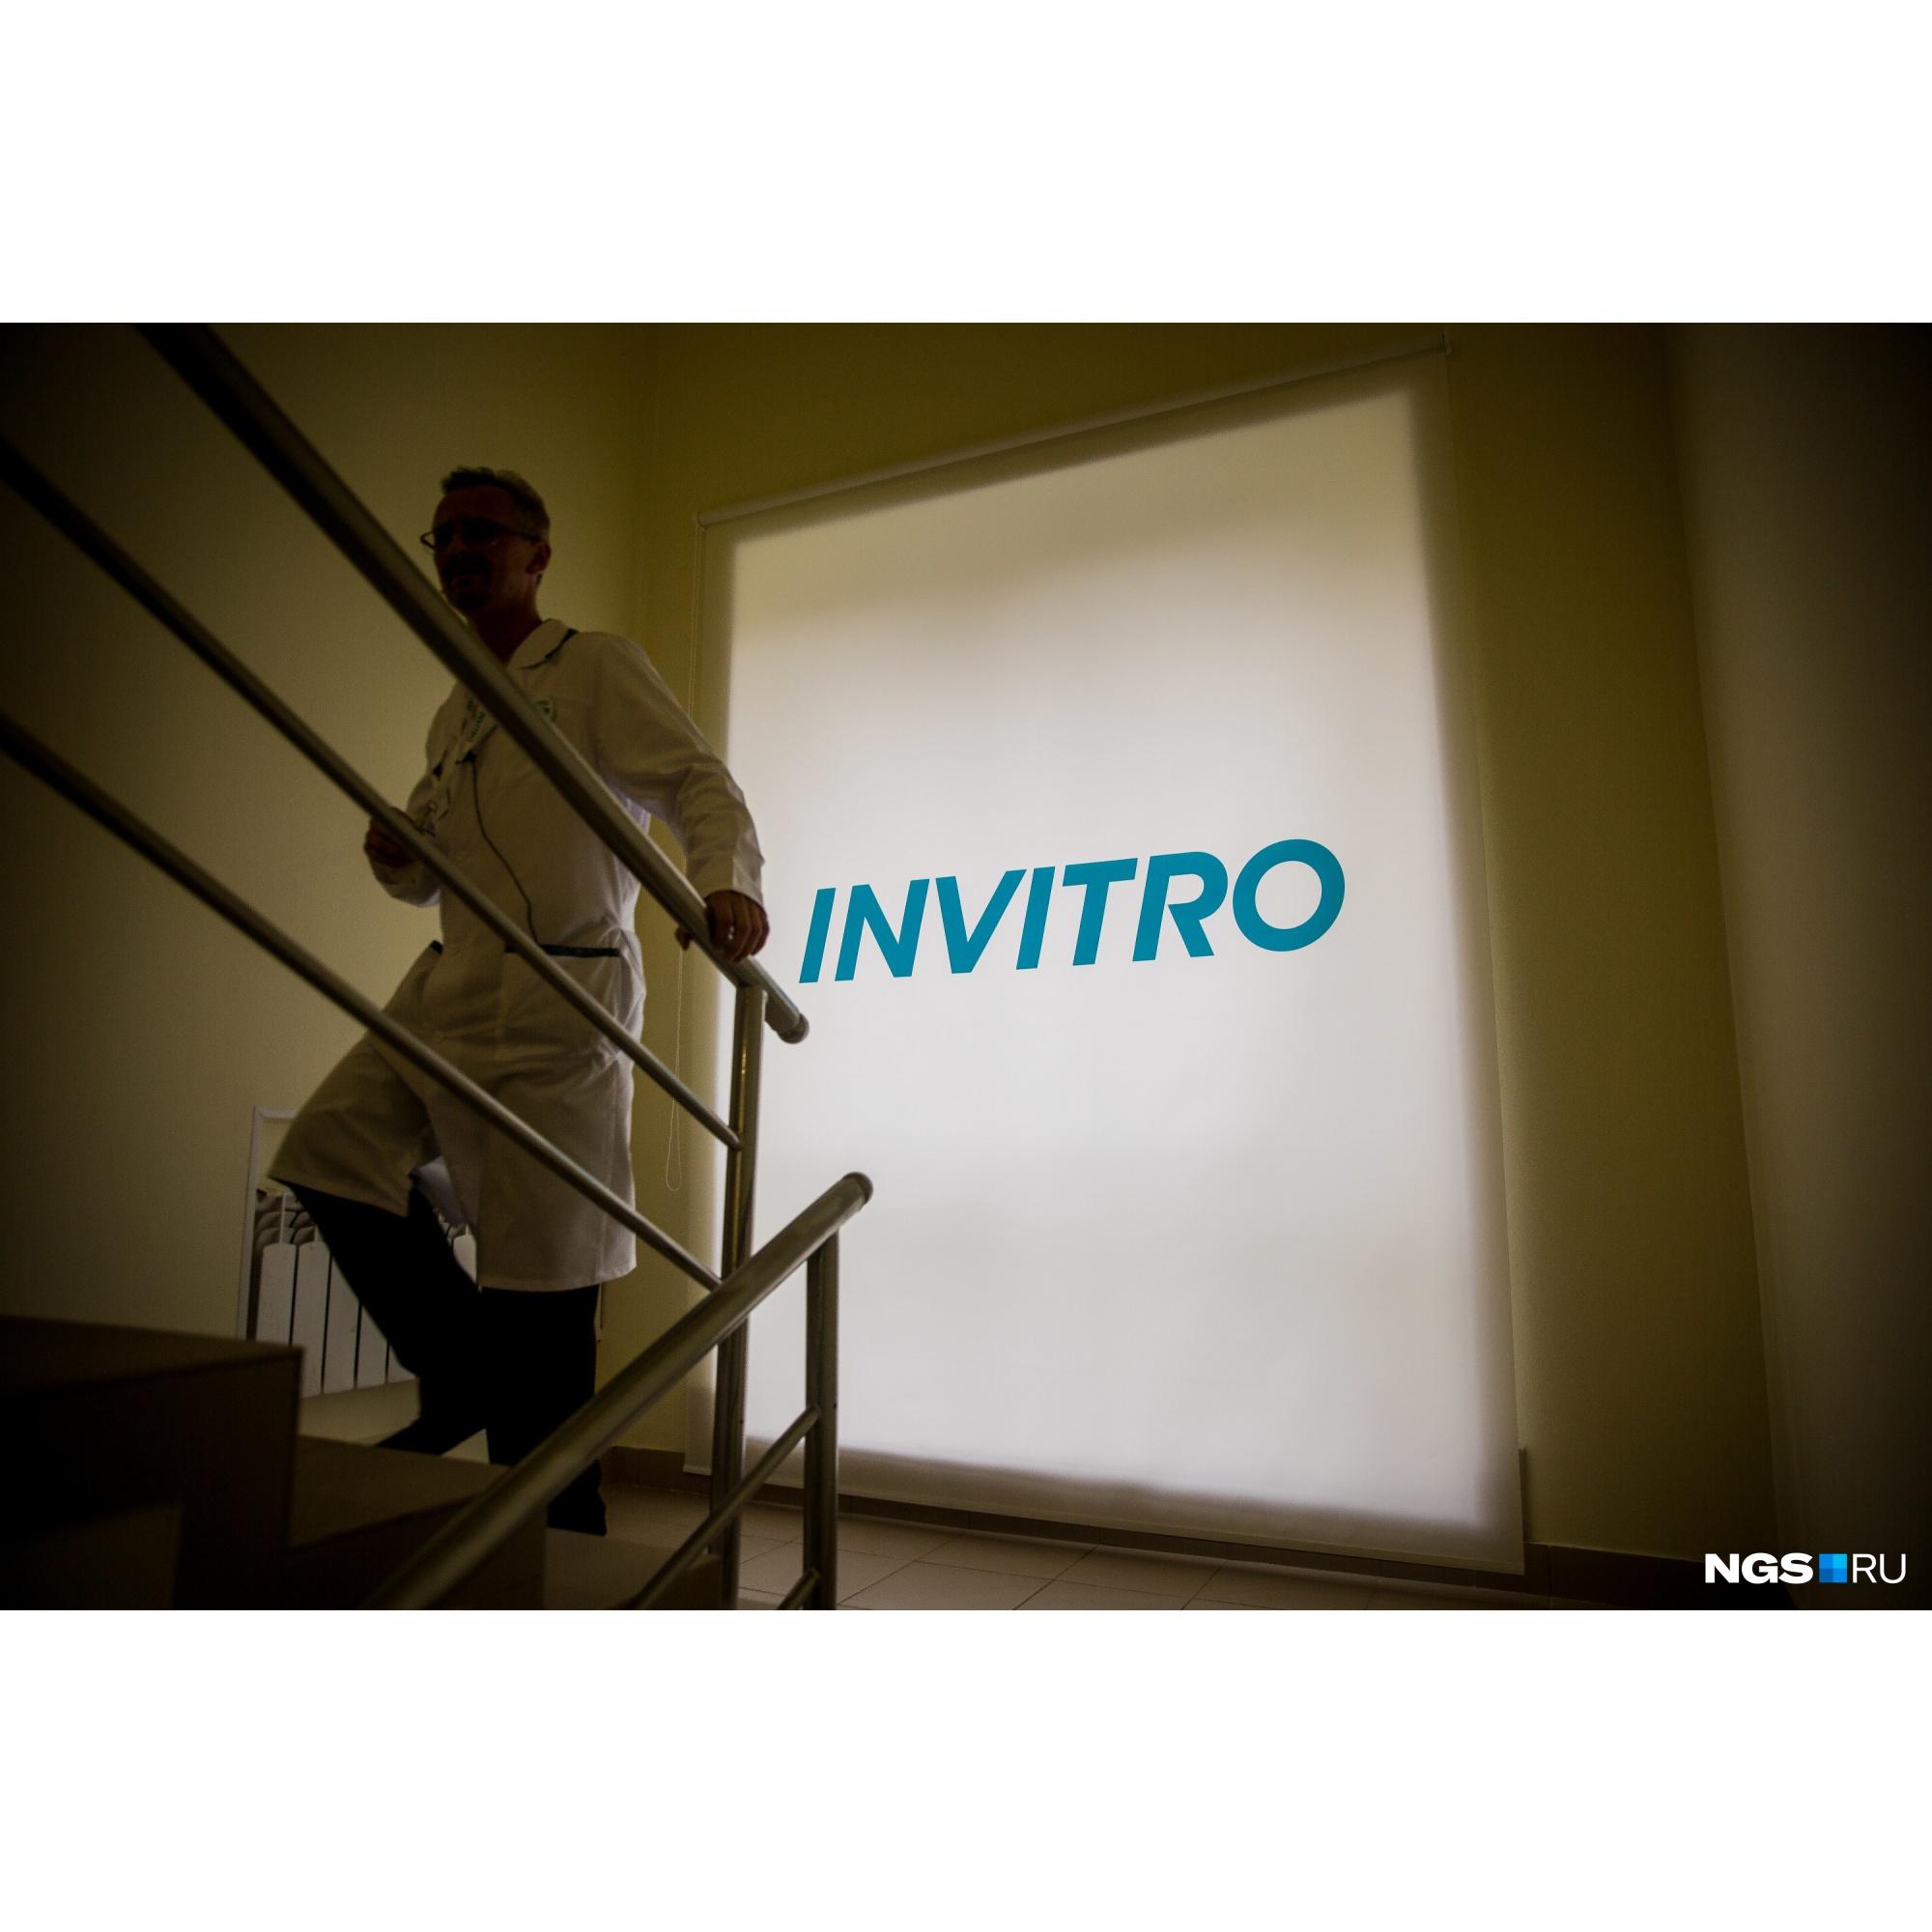 Пока медикам приходится действовать во многом наощупь, но в «Инвитро» уверены — результаты тестирований будут полезны как самому пациенту, так и пригодятся для общей эпидемиологической картины